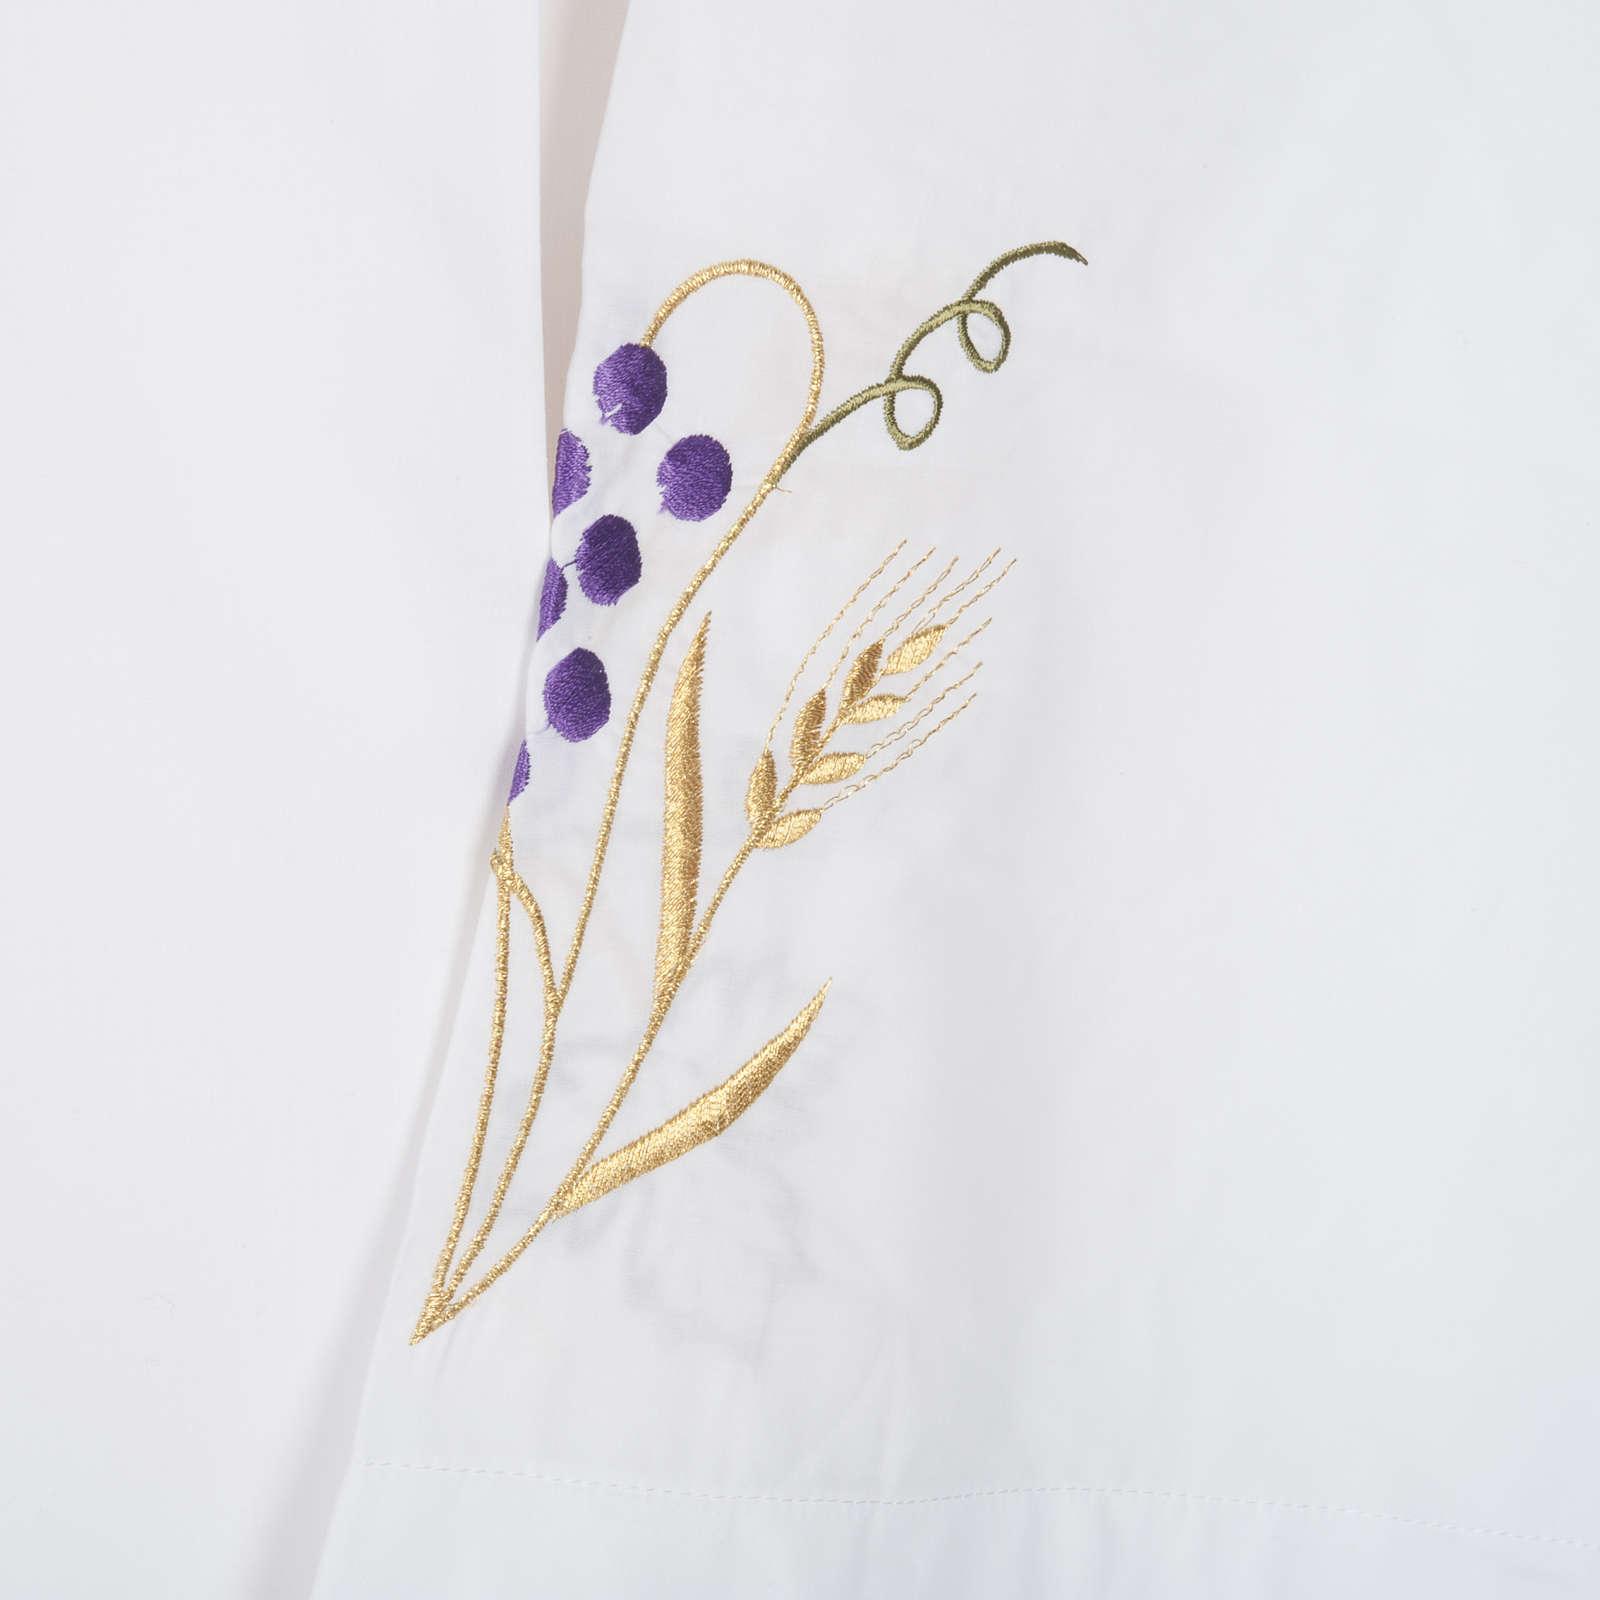 Camice bianco lana spiga uva 4